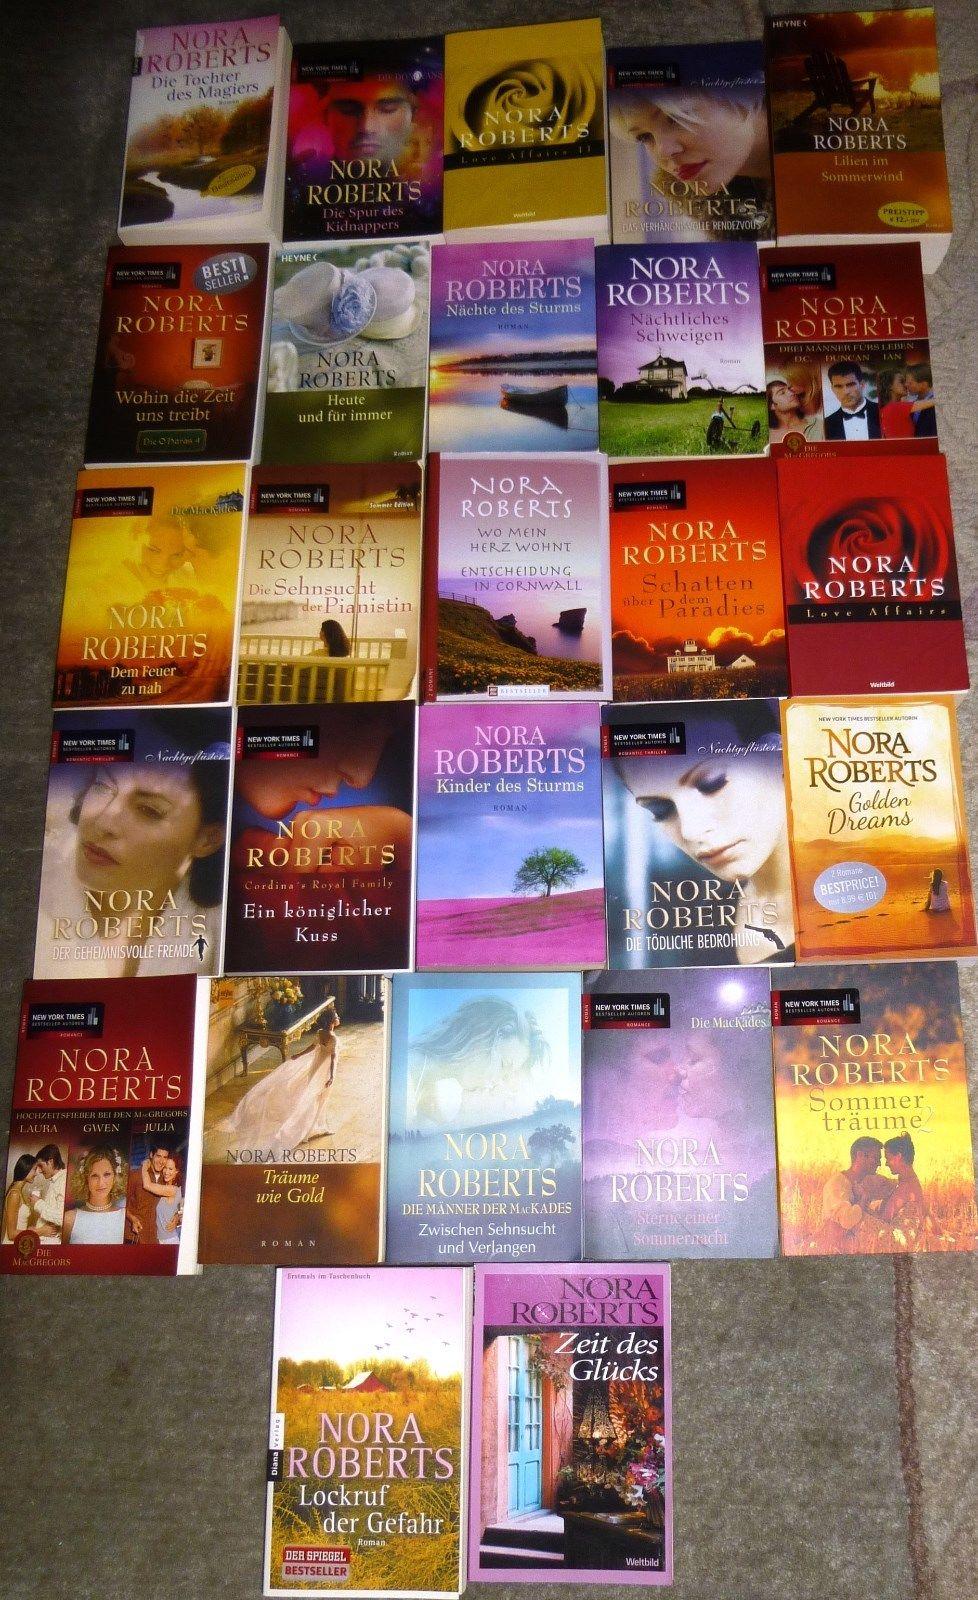 Nora Roberts, 60 Bücher, 71 Romane, diverse Verlage,  Hardcover/Taschenbuch